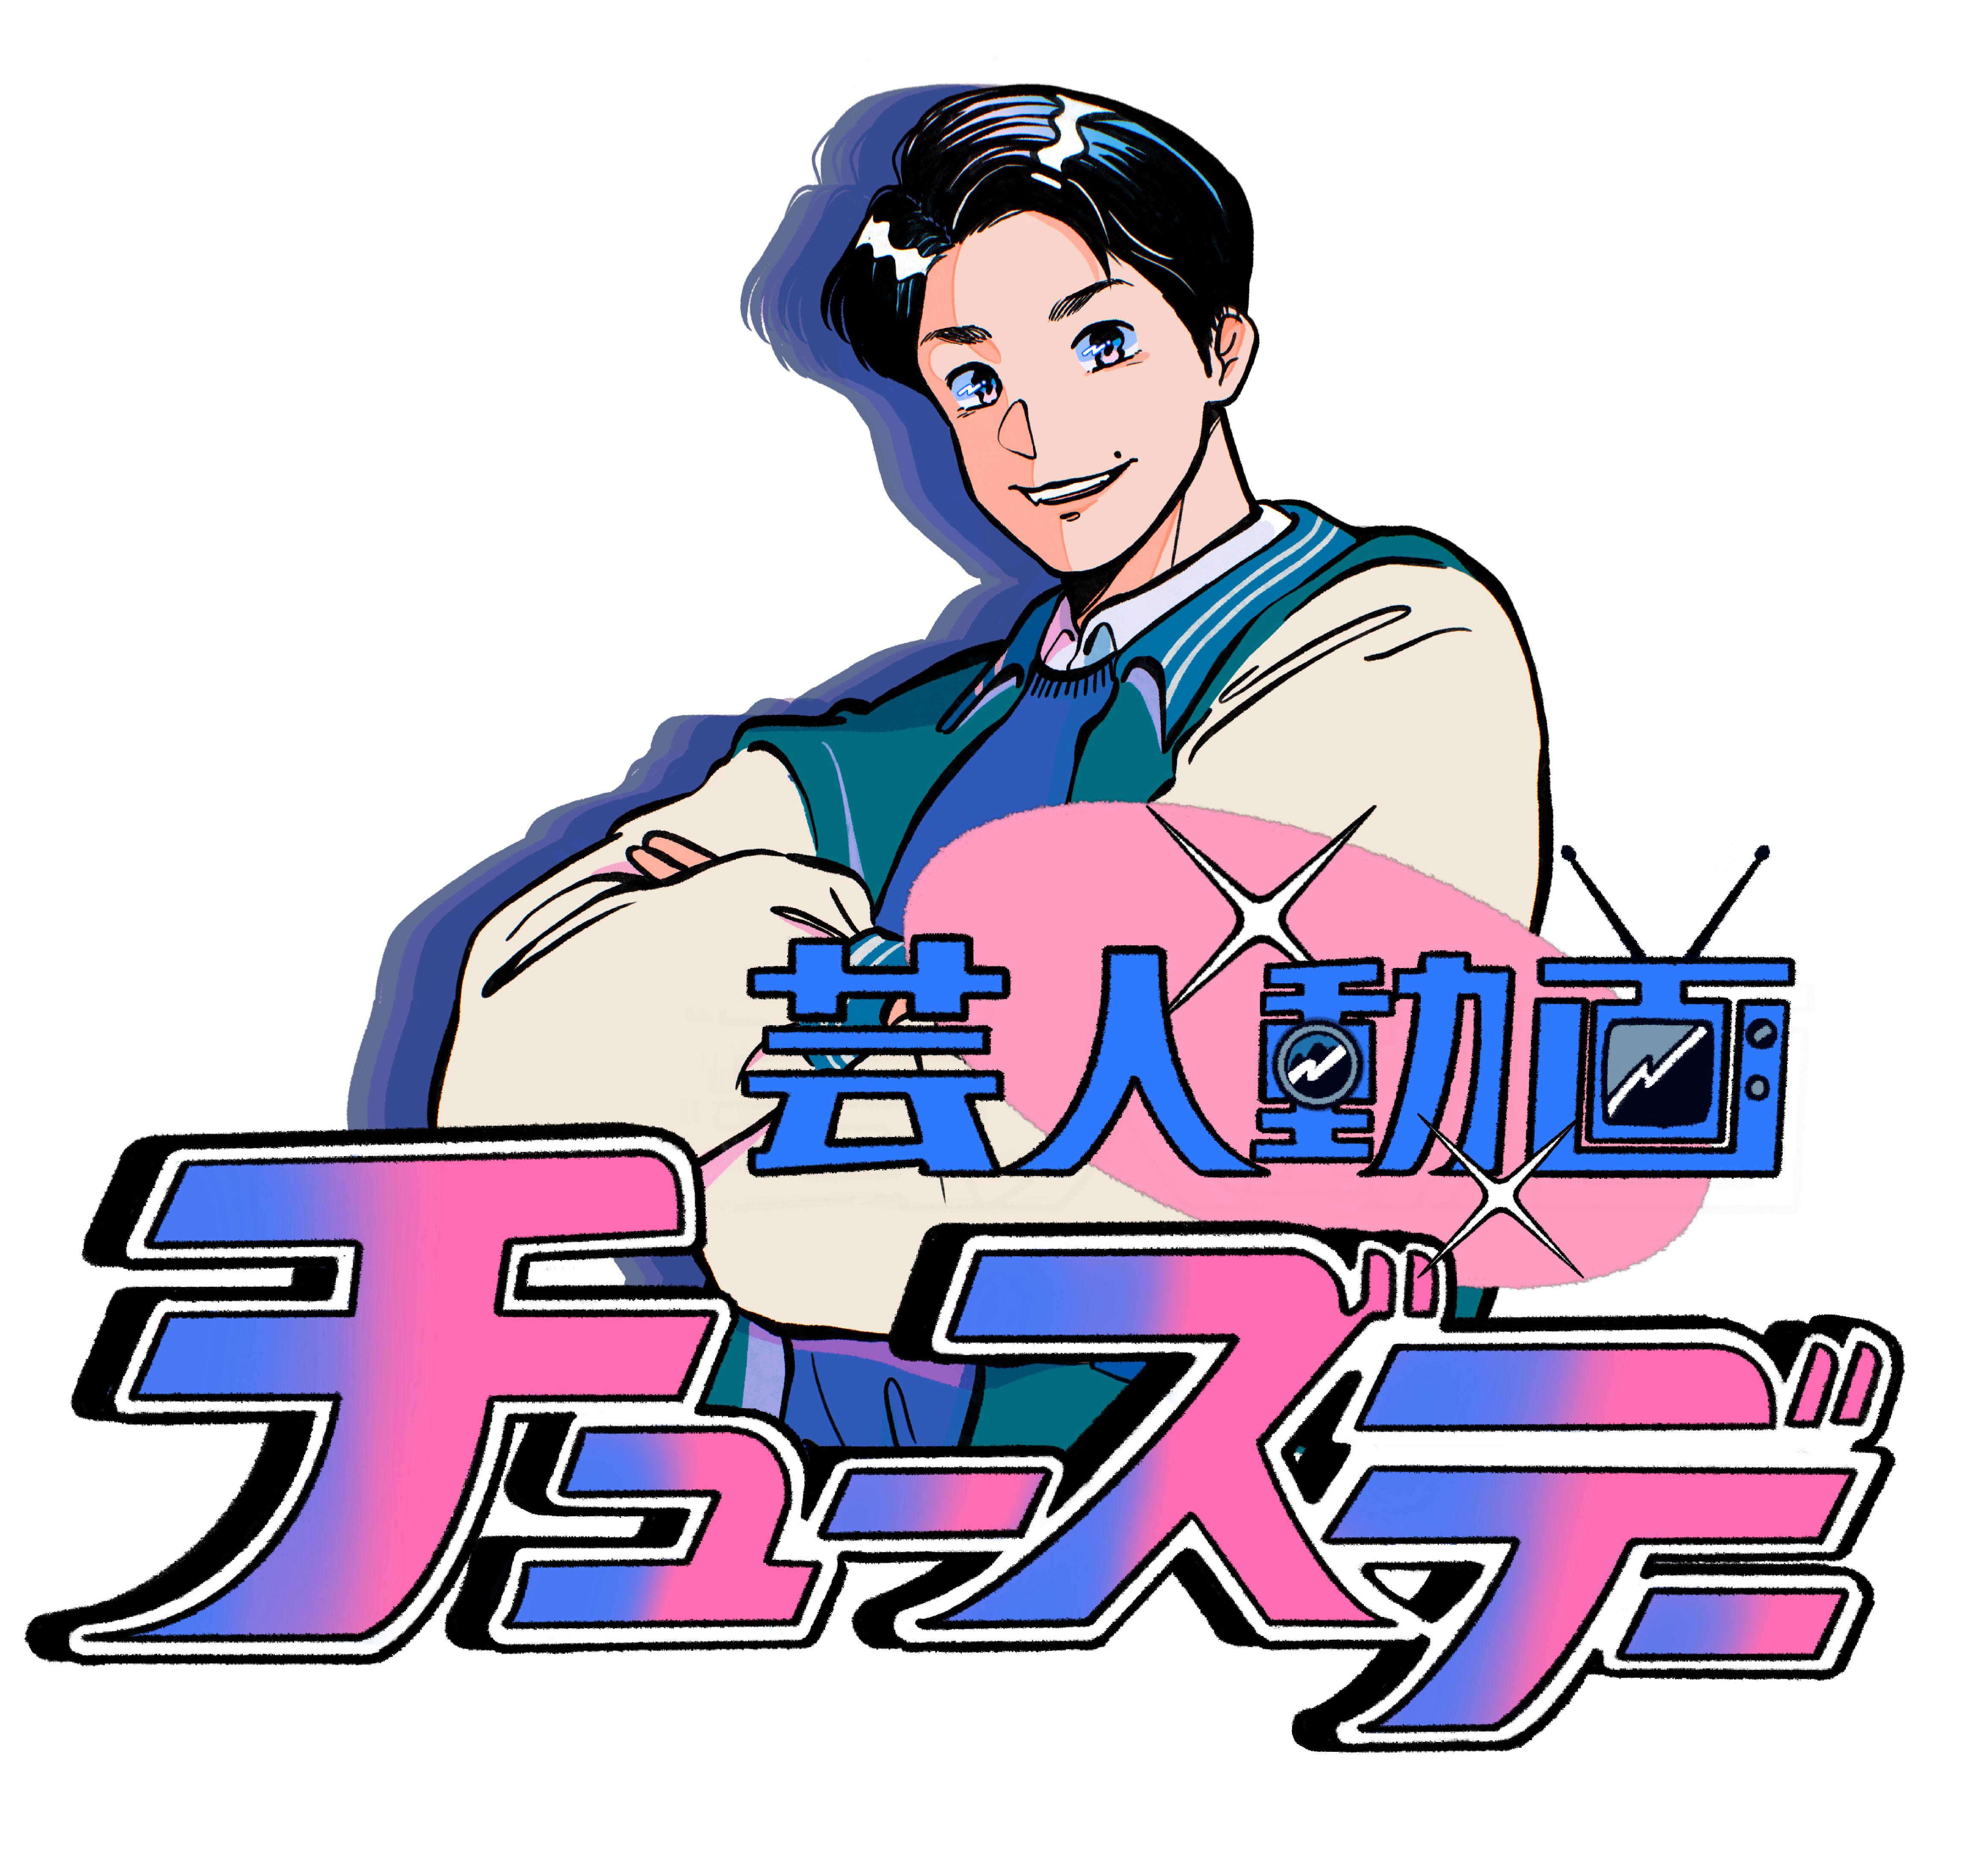 芸人動画チューズデー Illustration